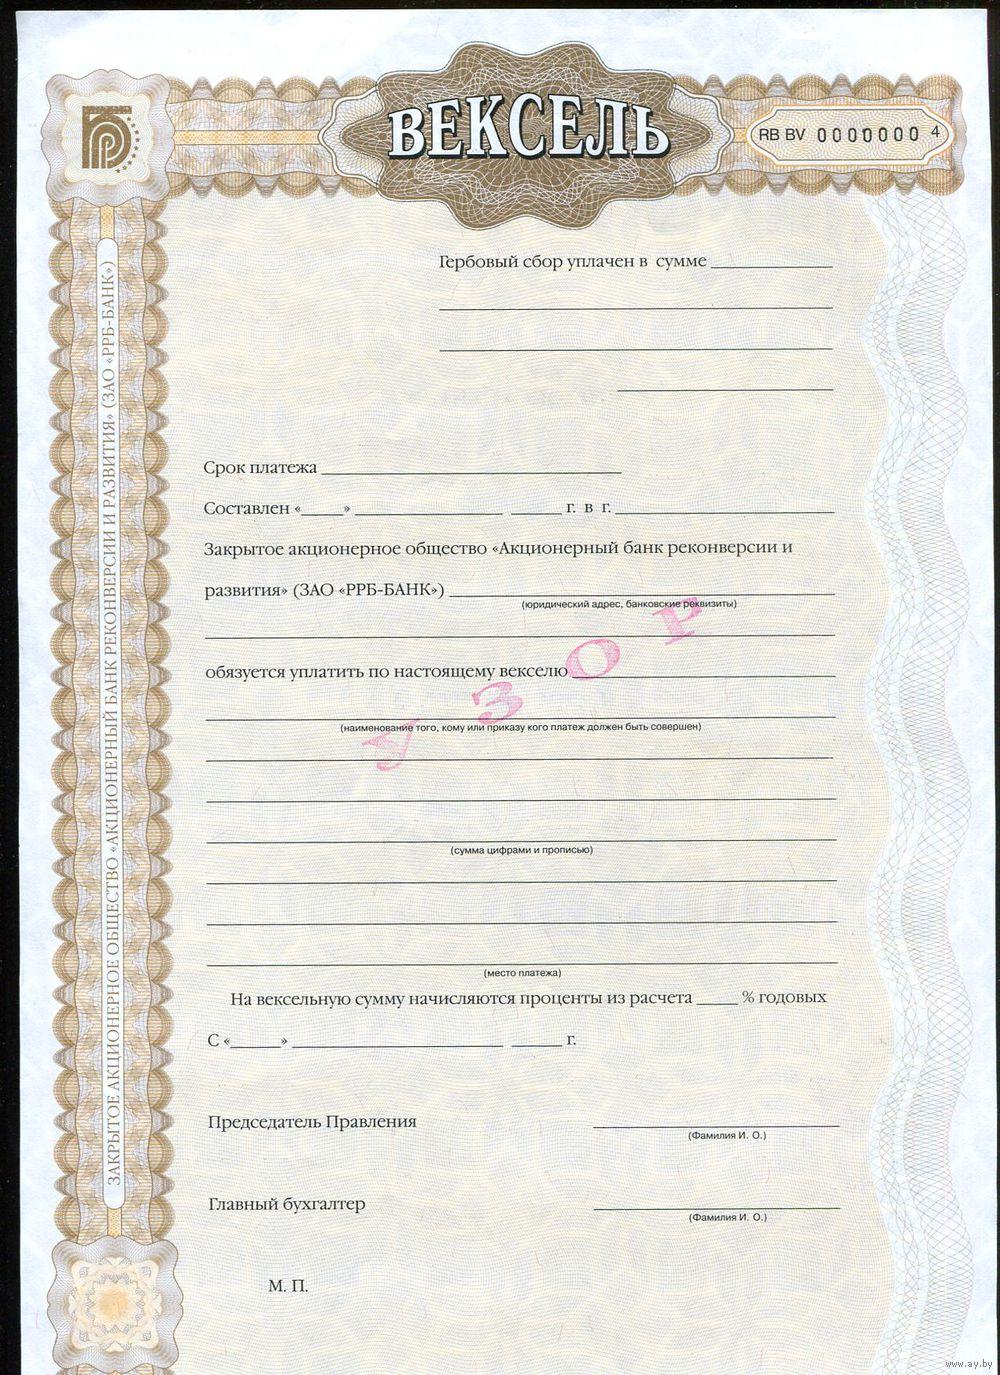 Обращение банковских сертификатах на рынке ценных бумаг